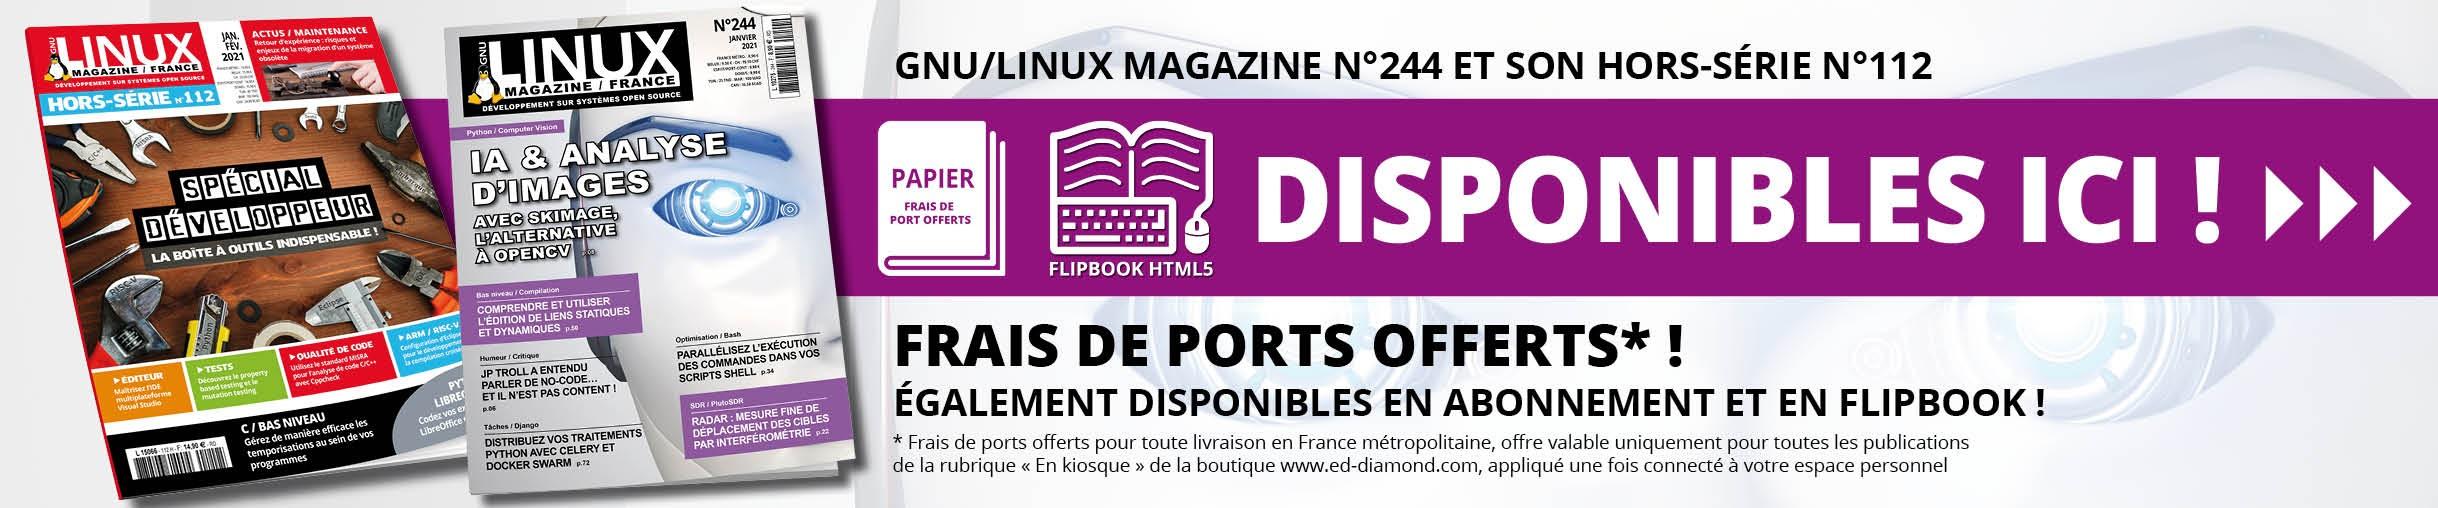 GNU/Linux Magazine n°244 et son Hors-Série n°112